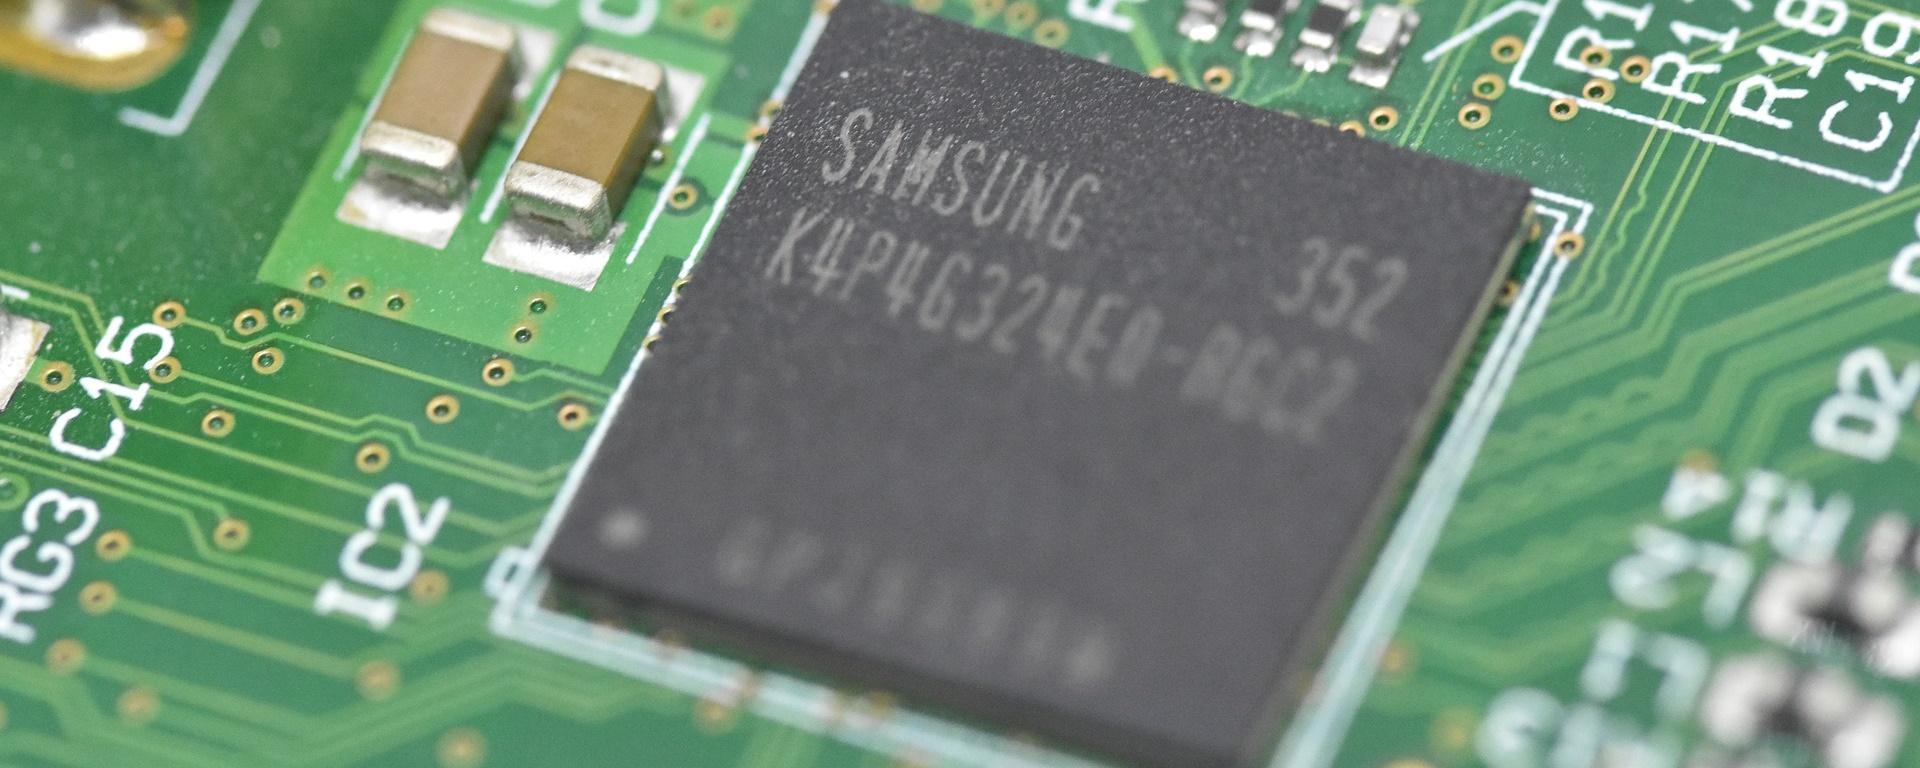 Samsung cria setor específico para fabricar chips para outras empresas